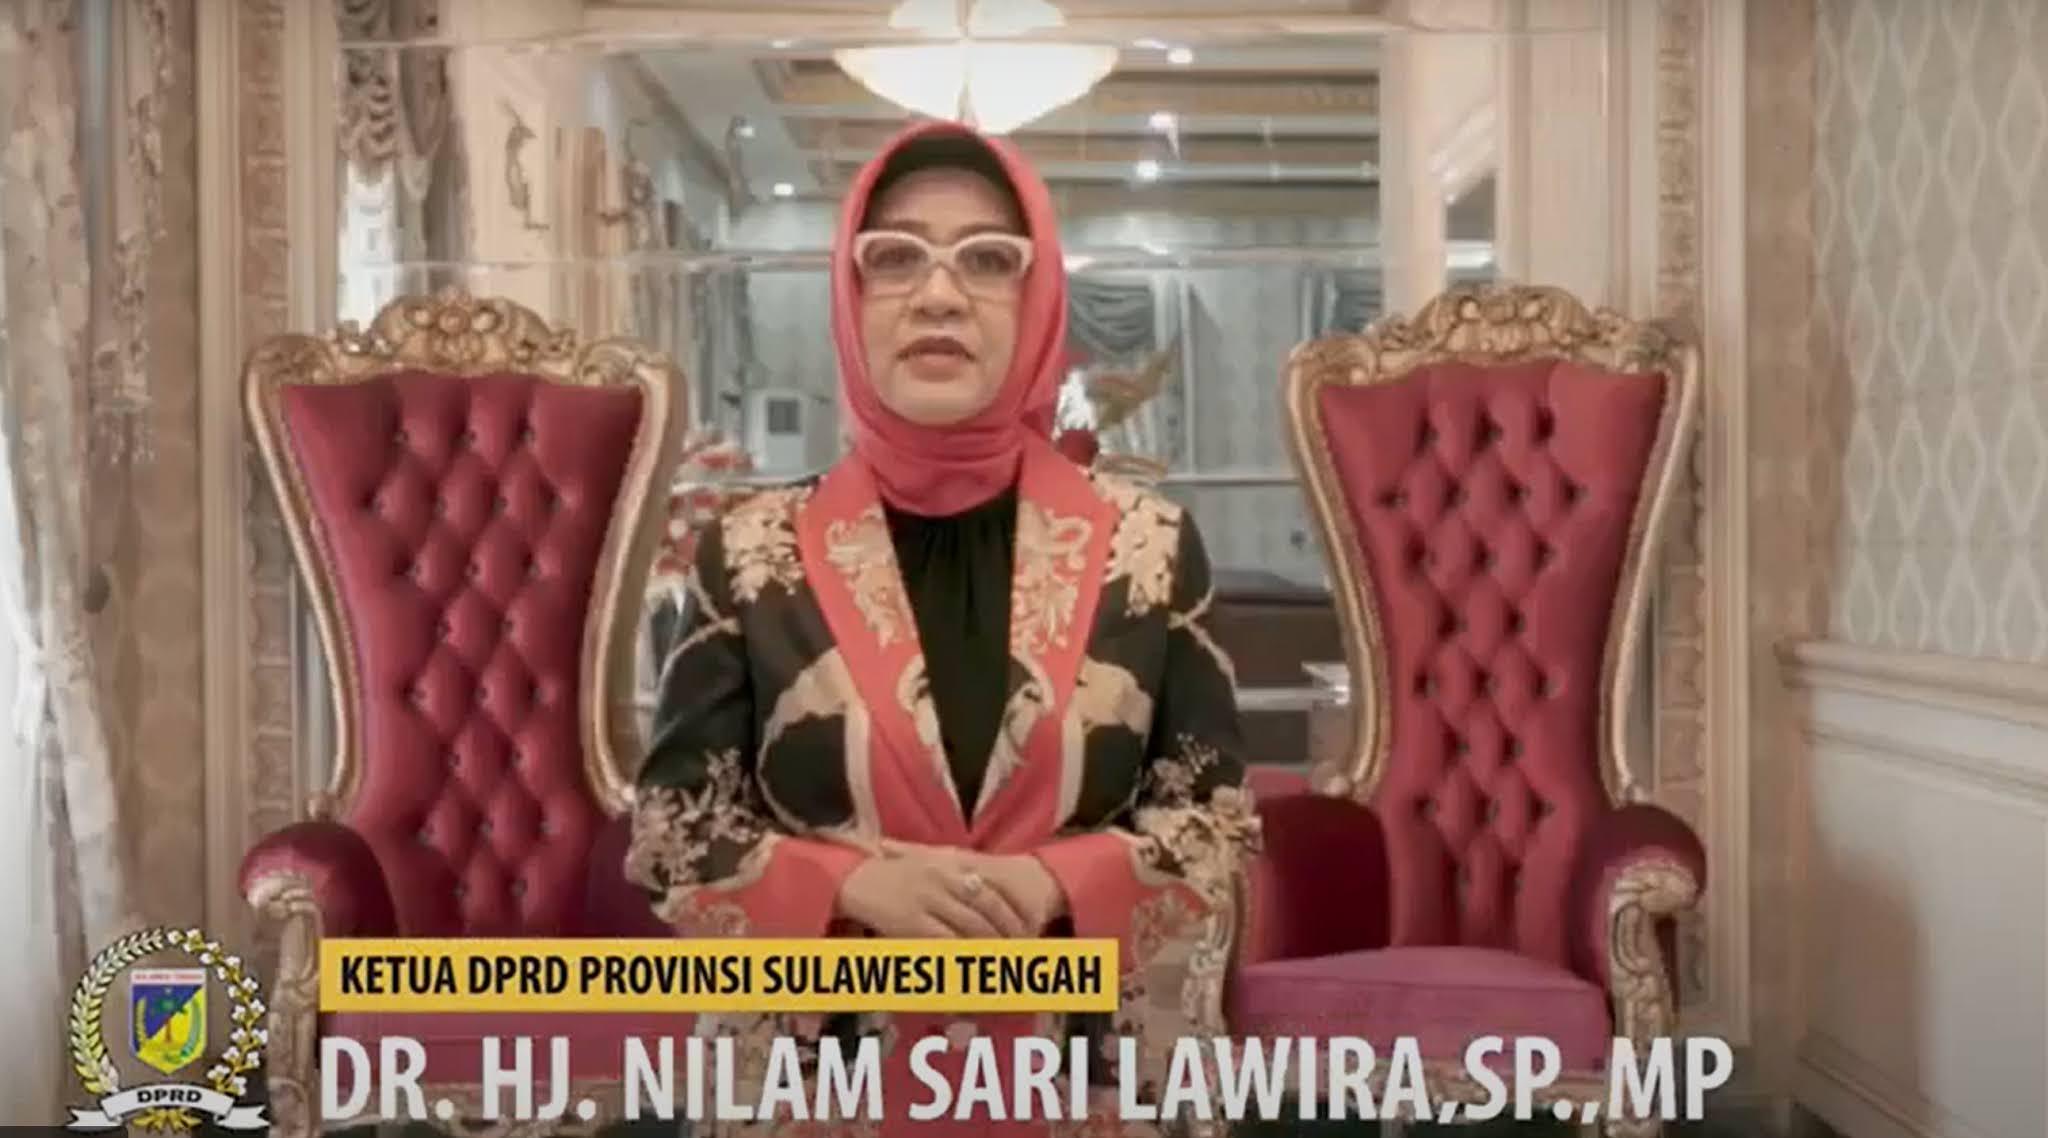 Ucapan Selamat Natal dan Tahun Baru - Ketua DPRD Provinsi Sulawesi Tengah